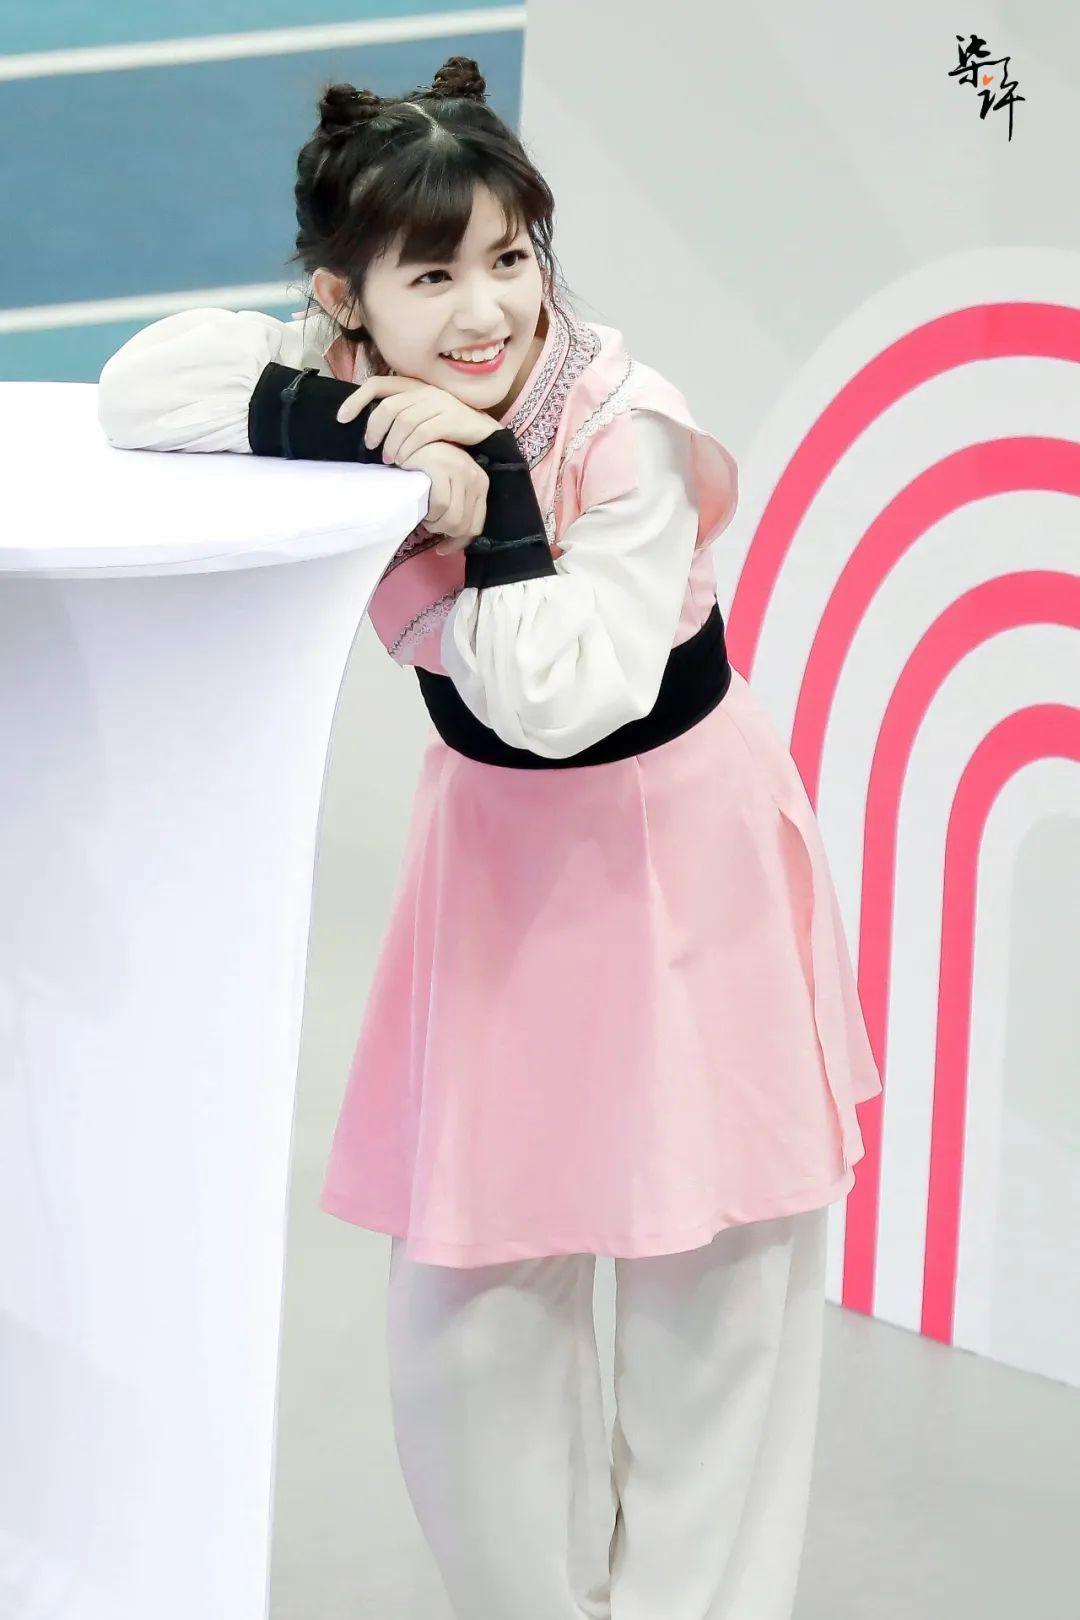 妹子写真 – 女王范的刘亦菲和傻白甜的赖美云,你更喜欢哪一位?_图片 No.20